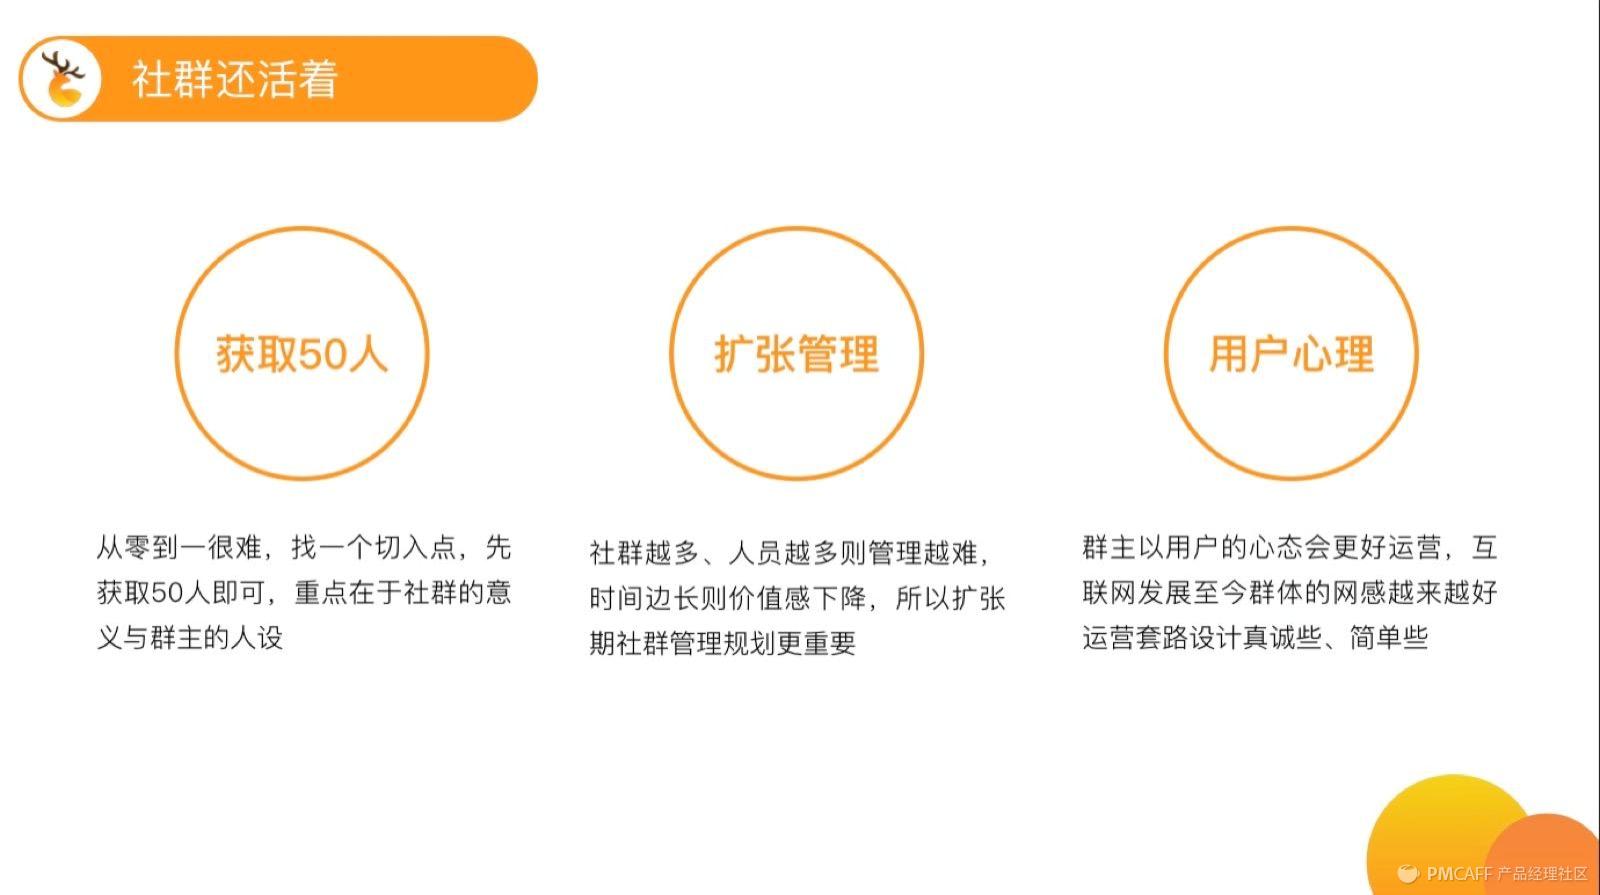 51社保运营总监:服务过2万家企业客户之后我掌握了ToB产品运营的秘诀-B2BGrowing-B2B营销增长